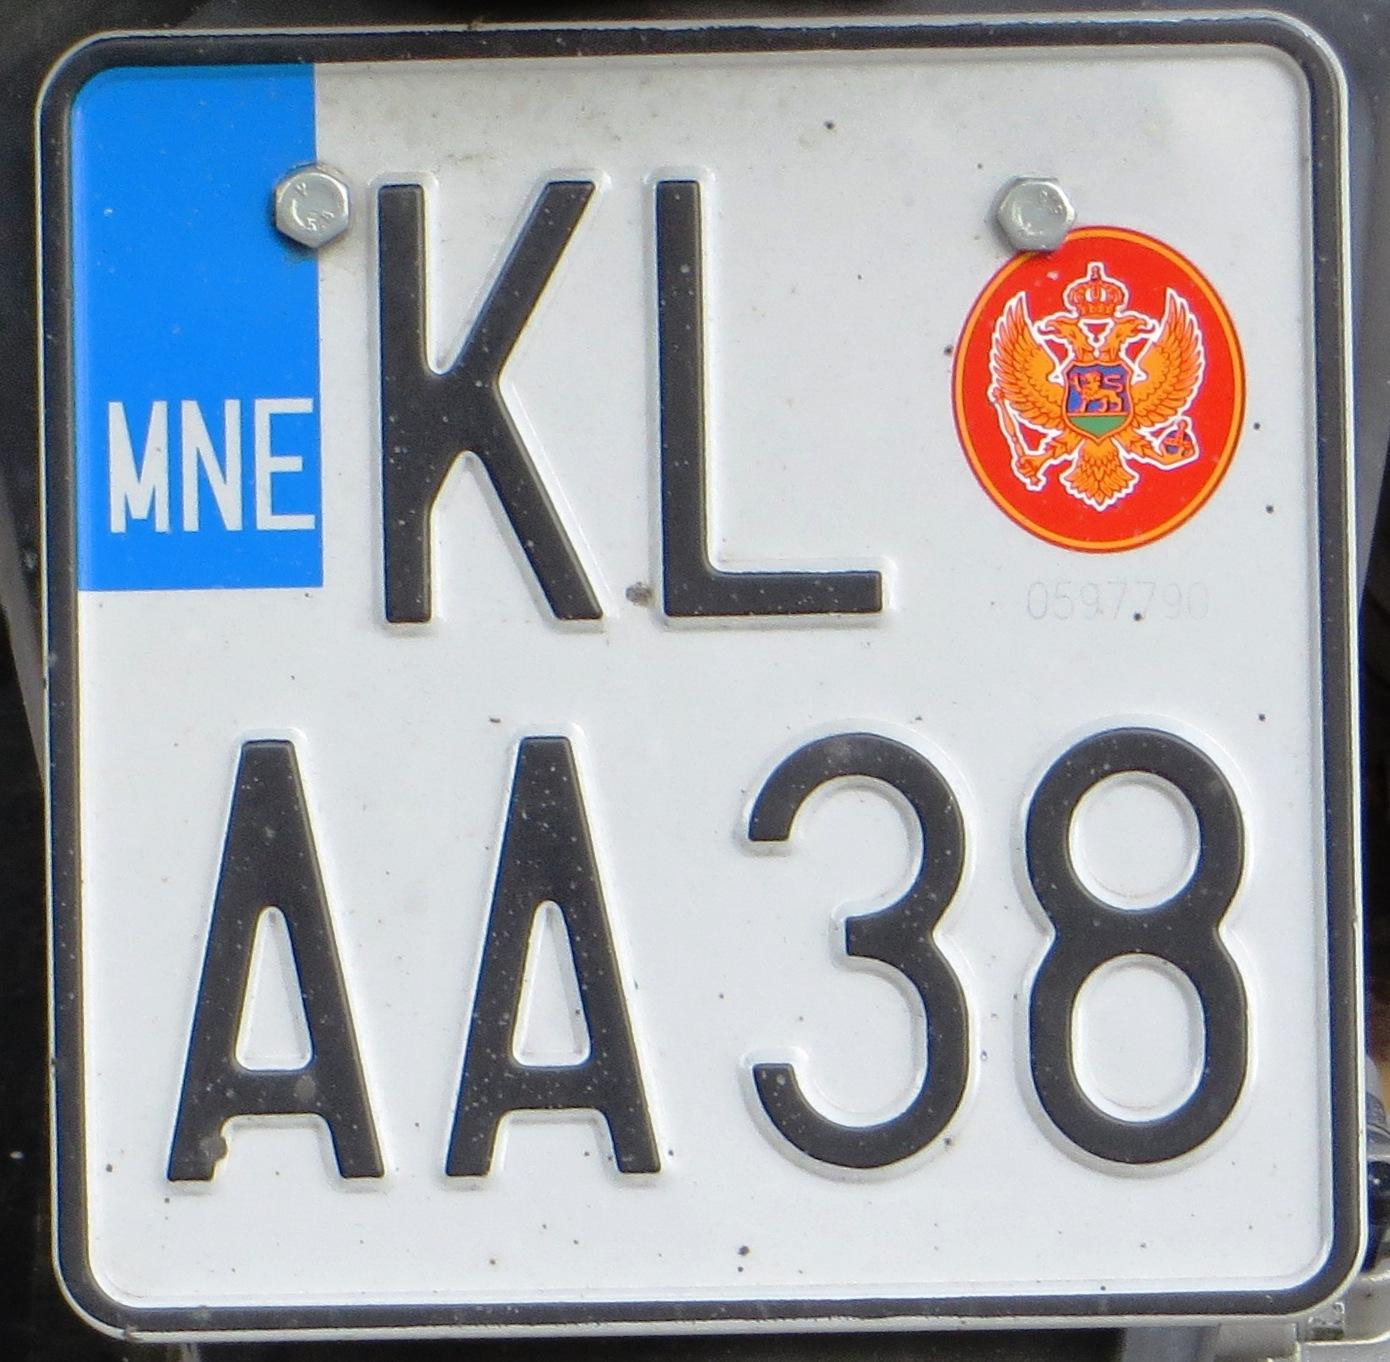 Targhe Dimmatricolazione Montenegrine Wikipedia